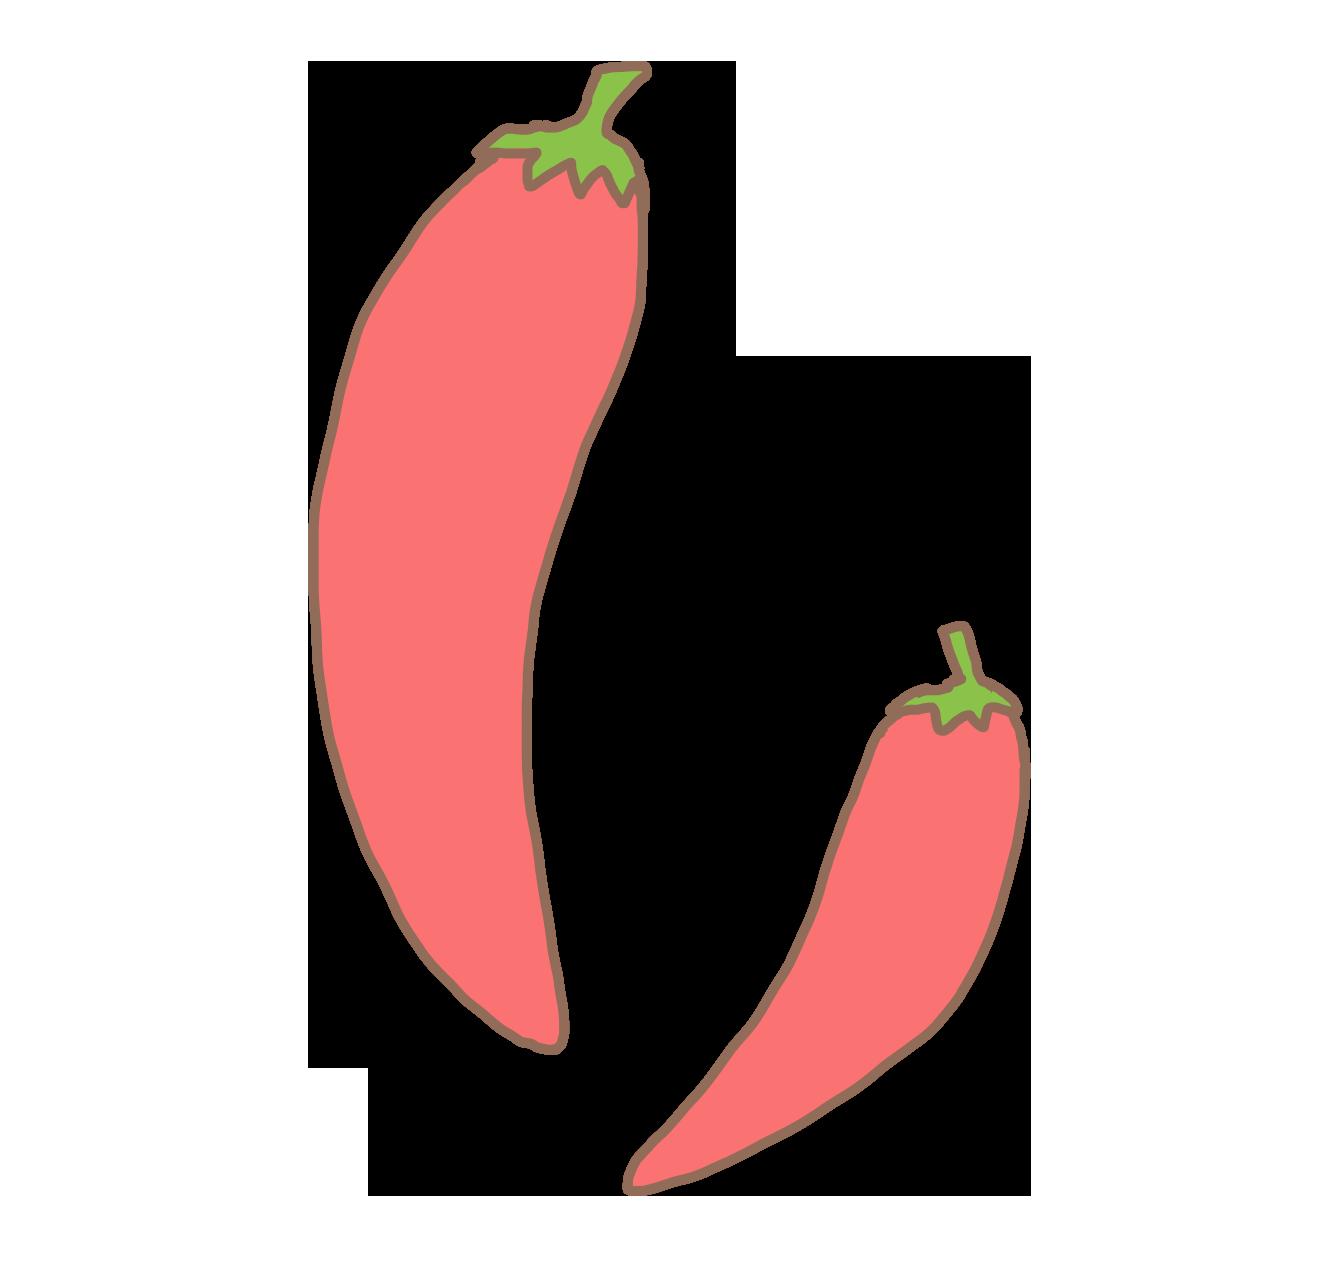 【オノマトペ】ピリッの意味と例文